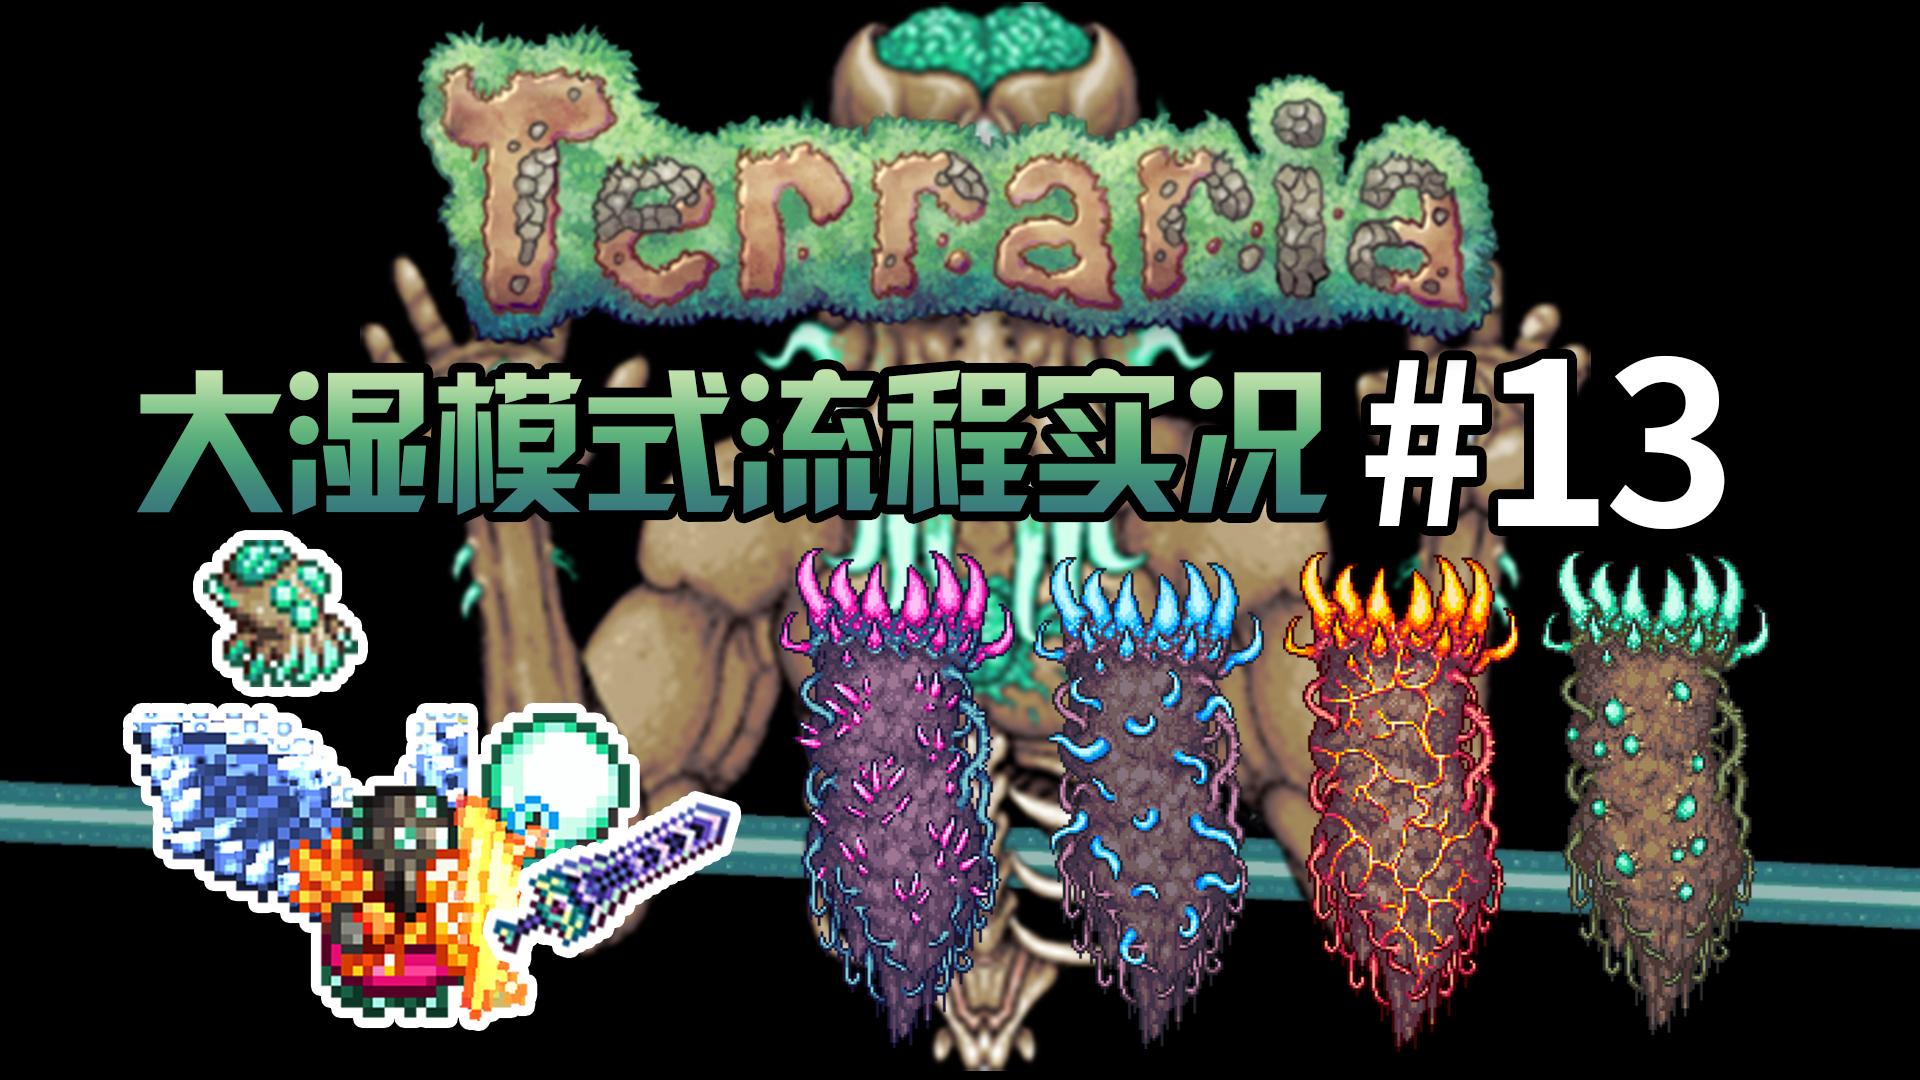 【丁菊长】大师,我悟了!【泰拉瑞亚 terraria】1.4大师模式流程实况解说第13期 完结